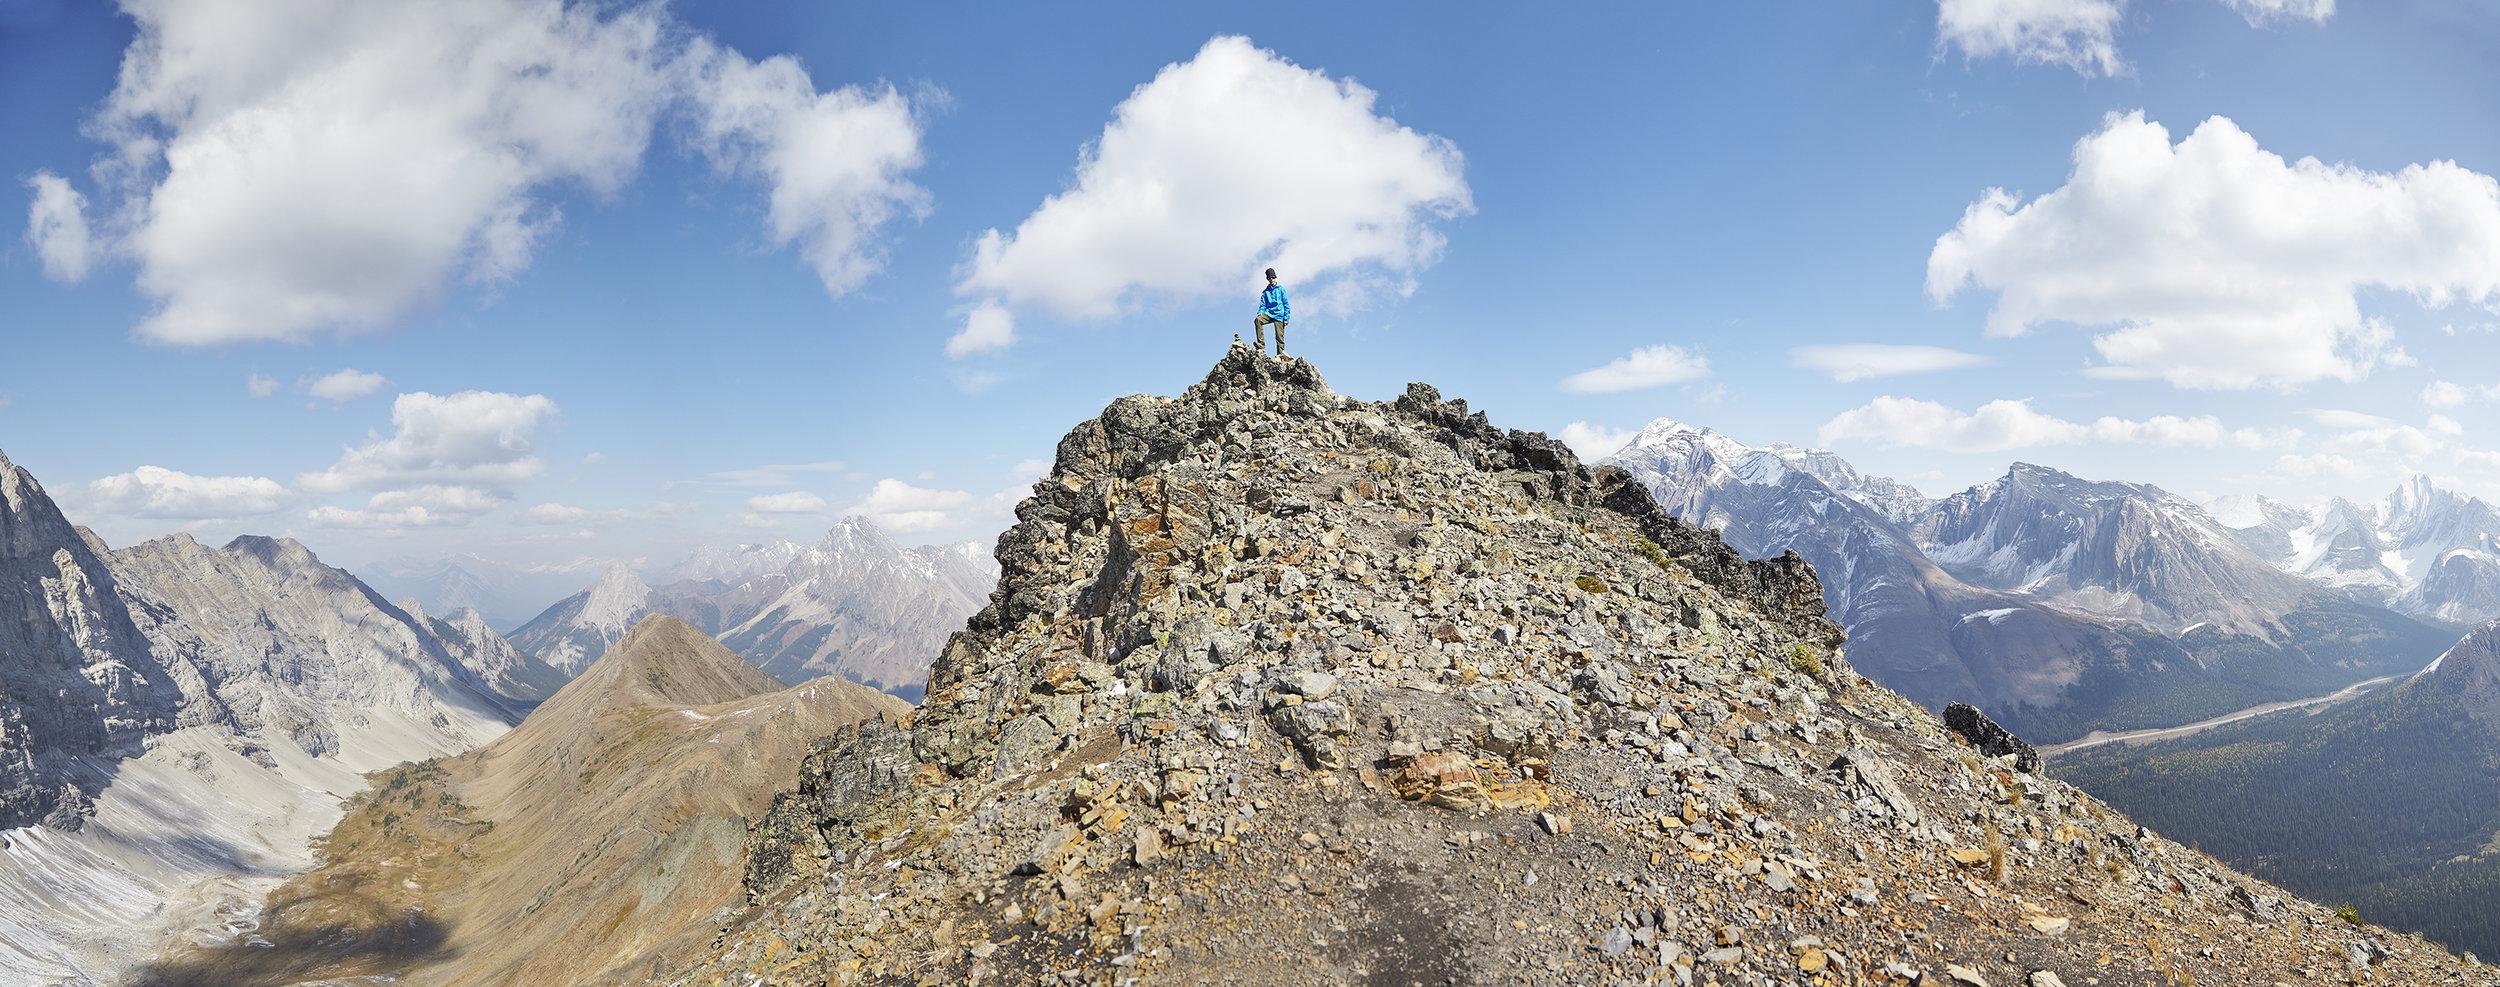 Yuri on the summit of Pocaterra Ridge.